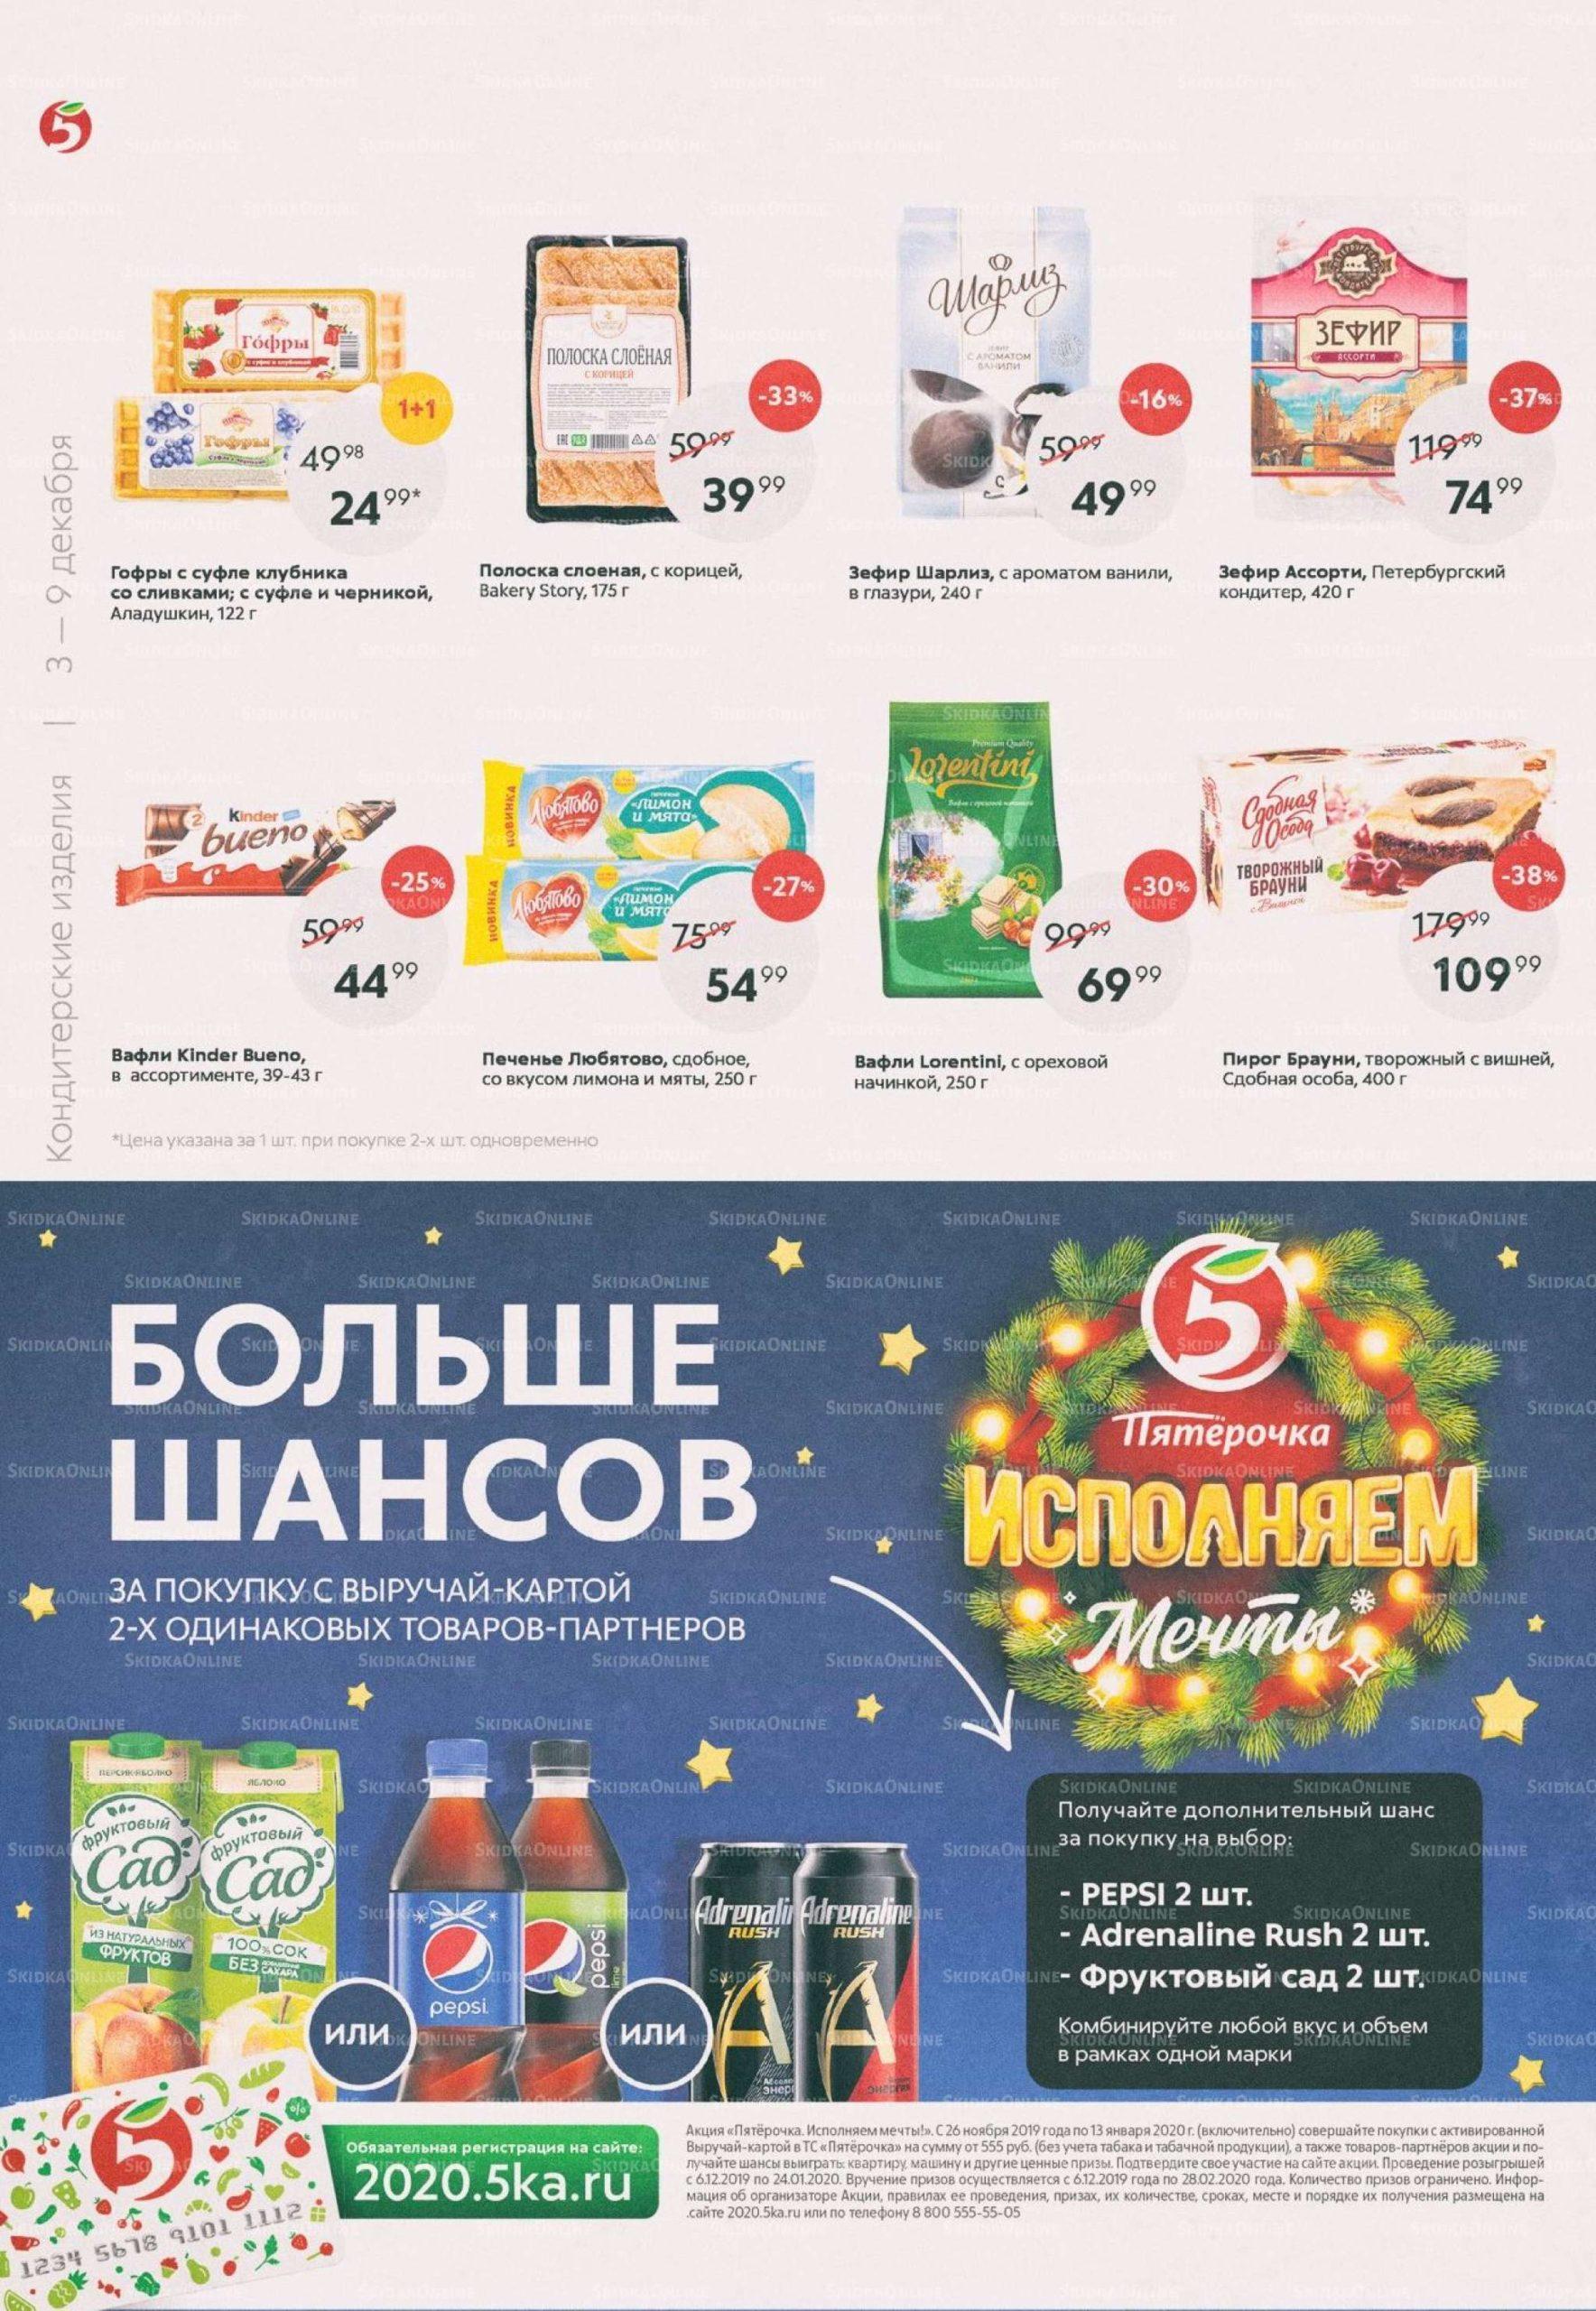 Акции в Пятёрочке с 3 по 9 декабря 2019 года